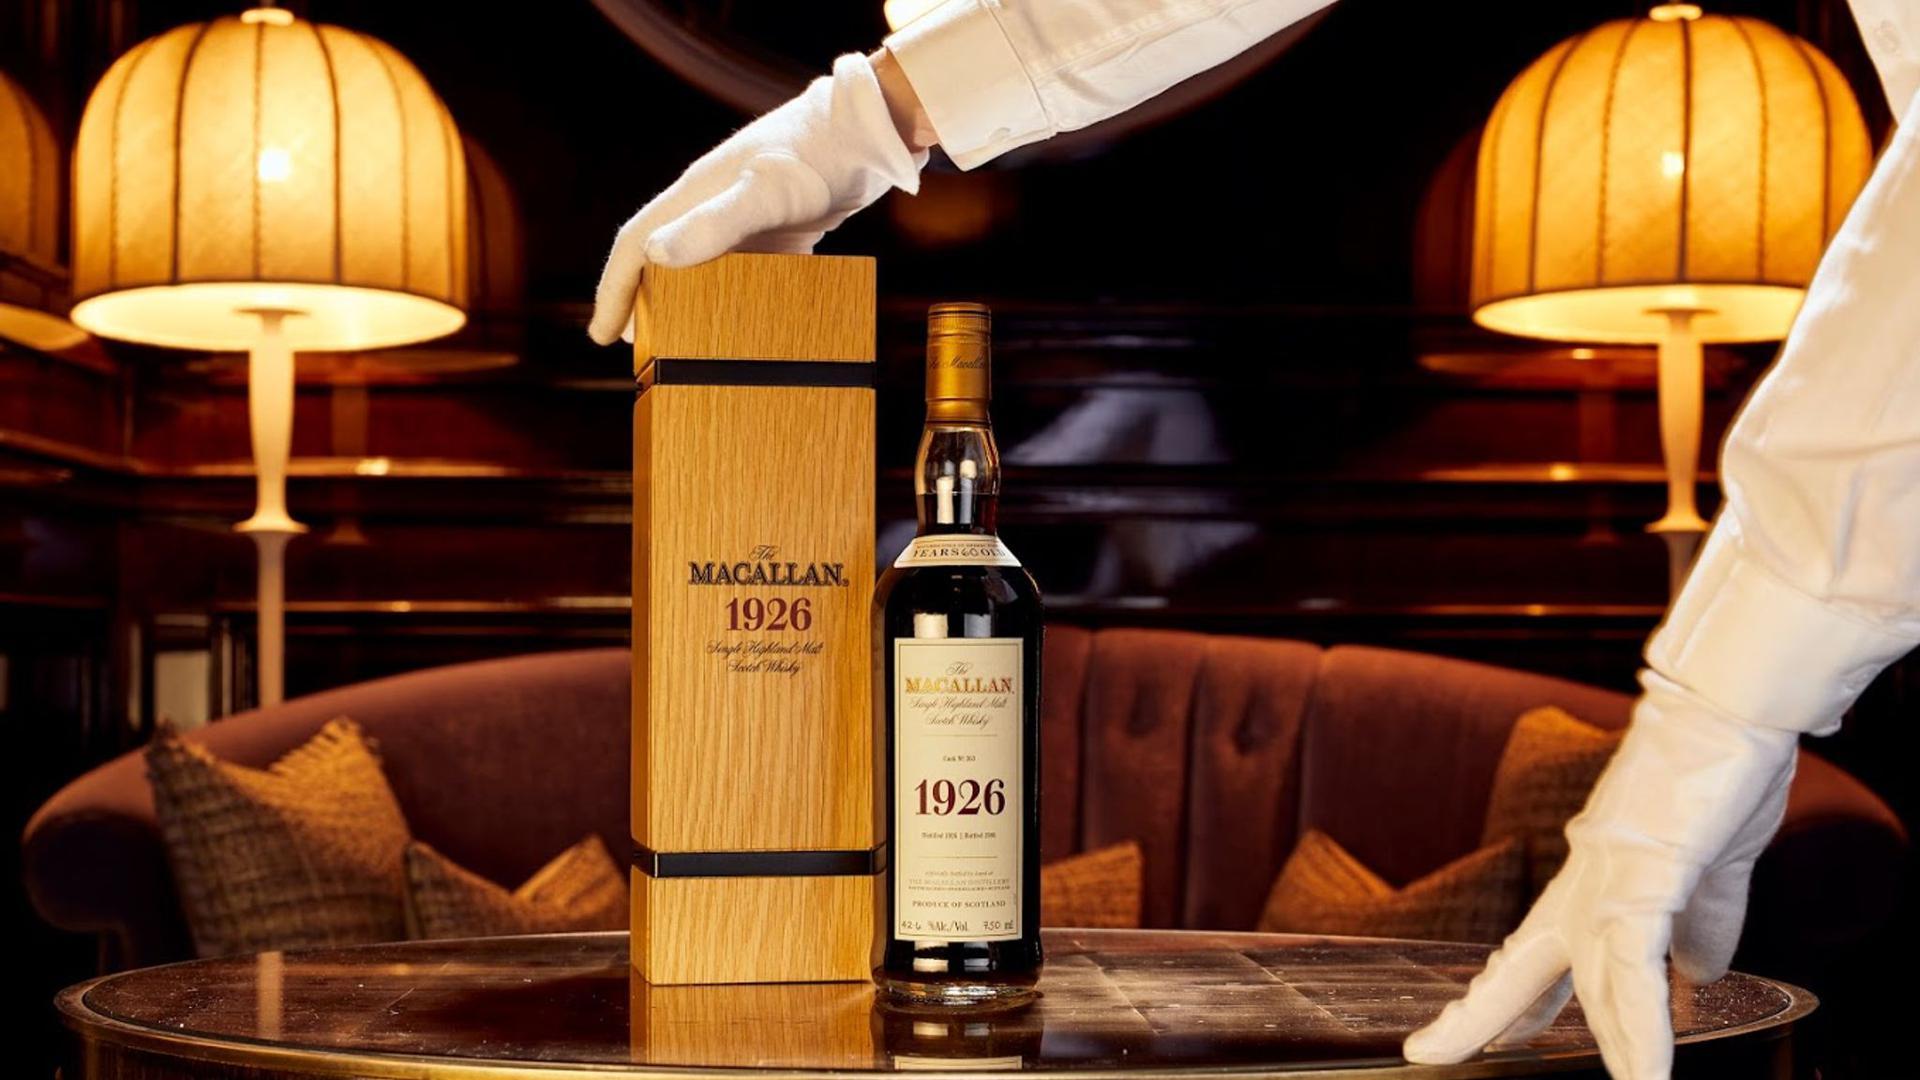 """Eine Flasche mit Whisky der Marke """"The Macallan 1926 Fine and Rare""""."""